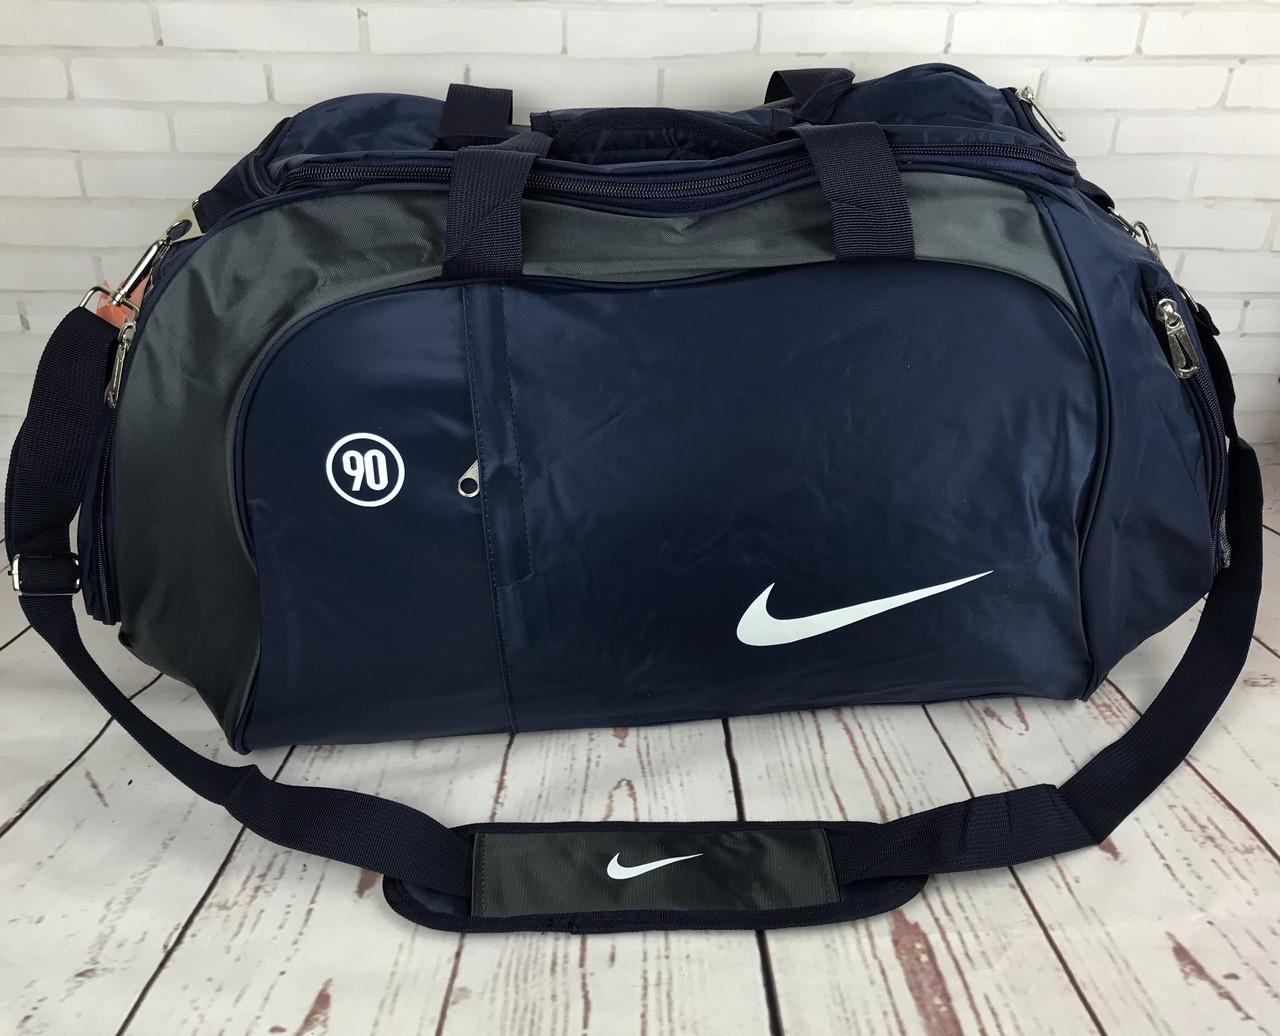 fd4809fa0abd Большая дорожная, спортивная сумка Nike. Сумка в дорогу , для поездок  КСС91-1